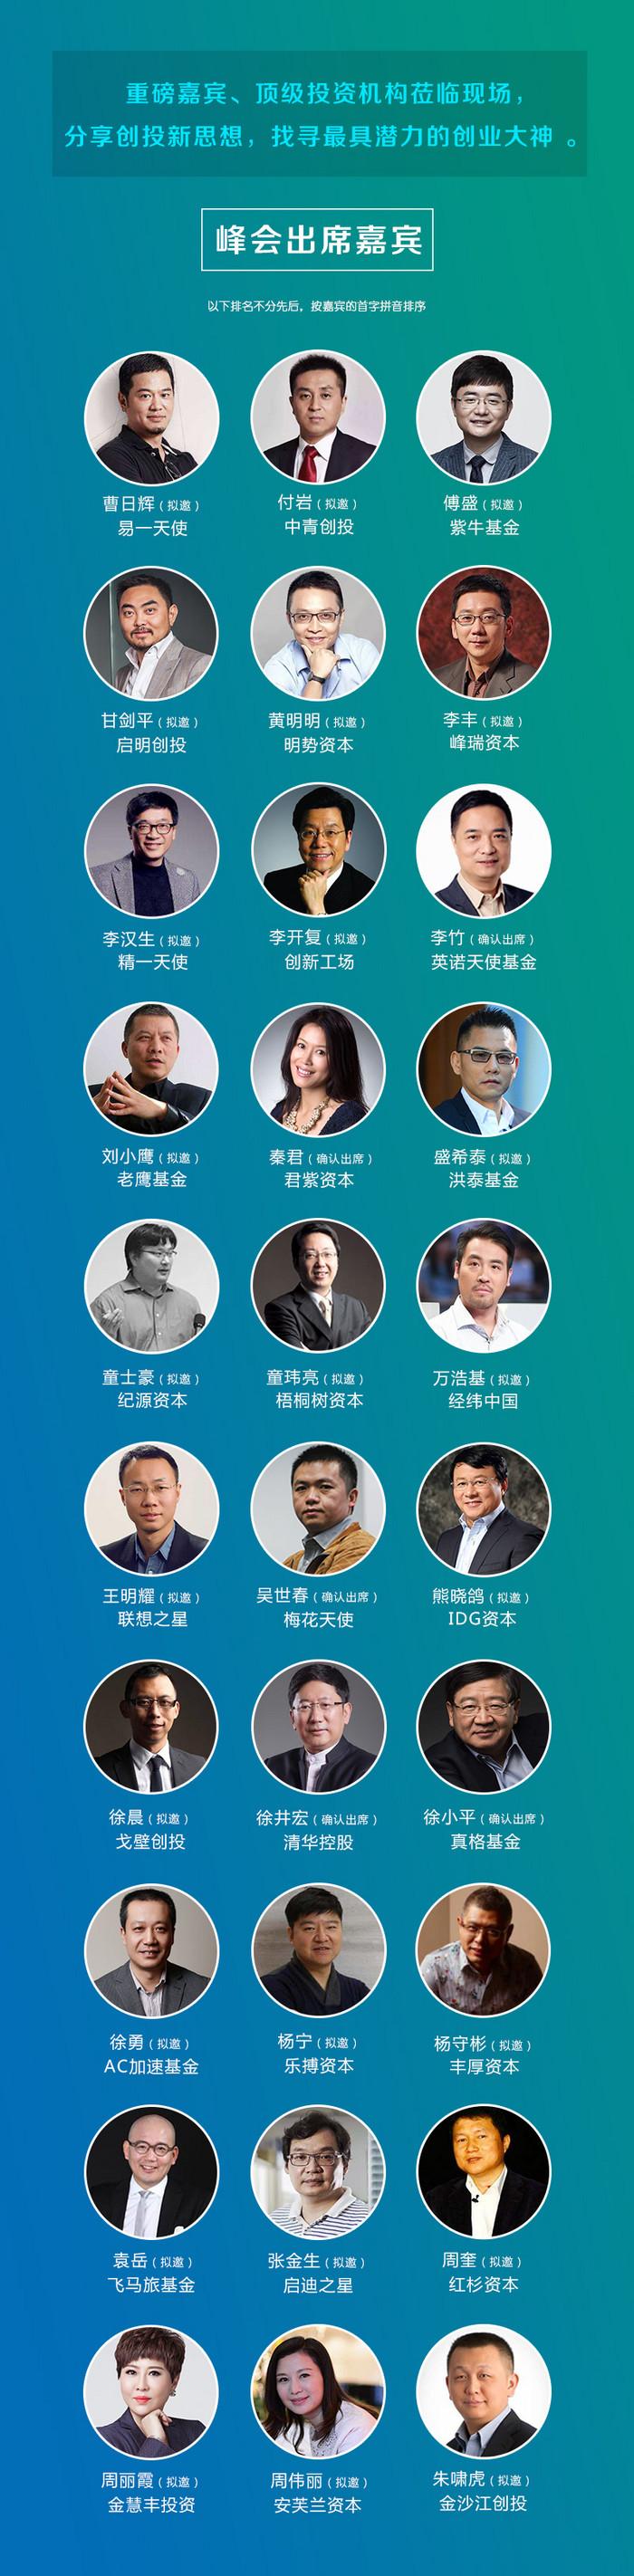 2017中国创投夏季峰会